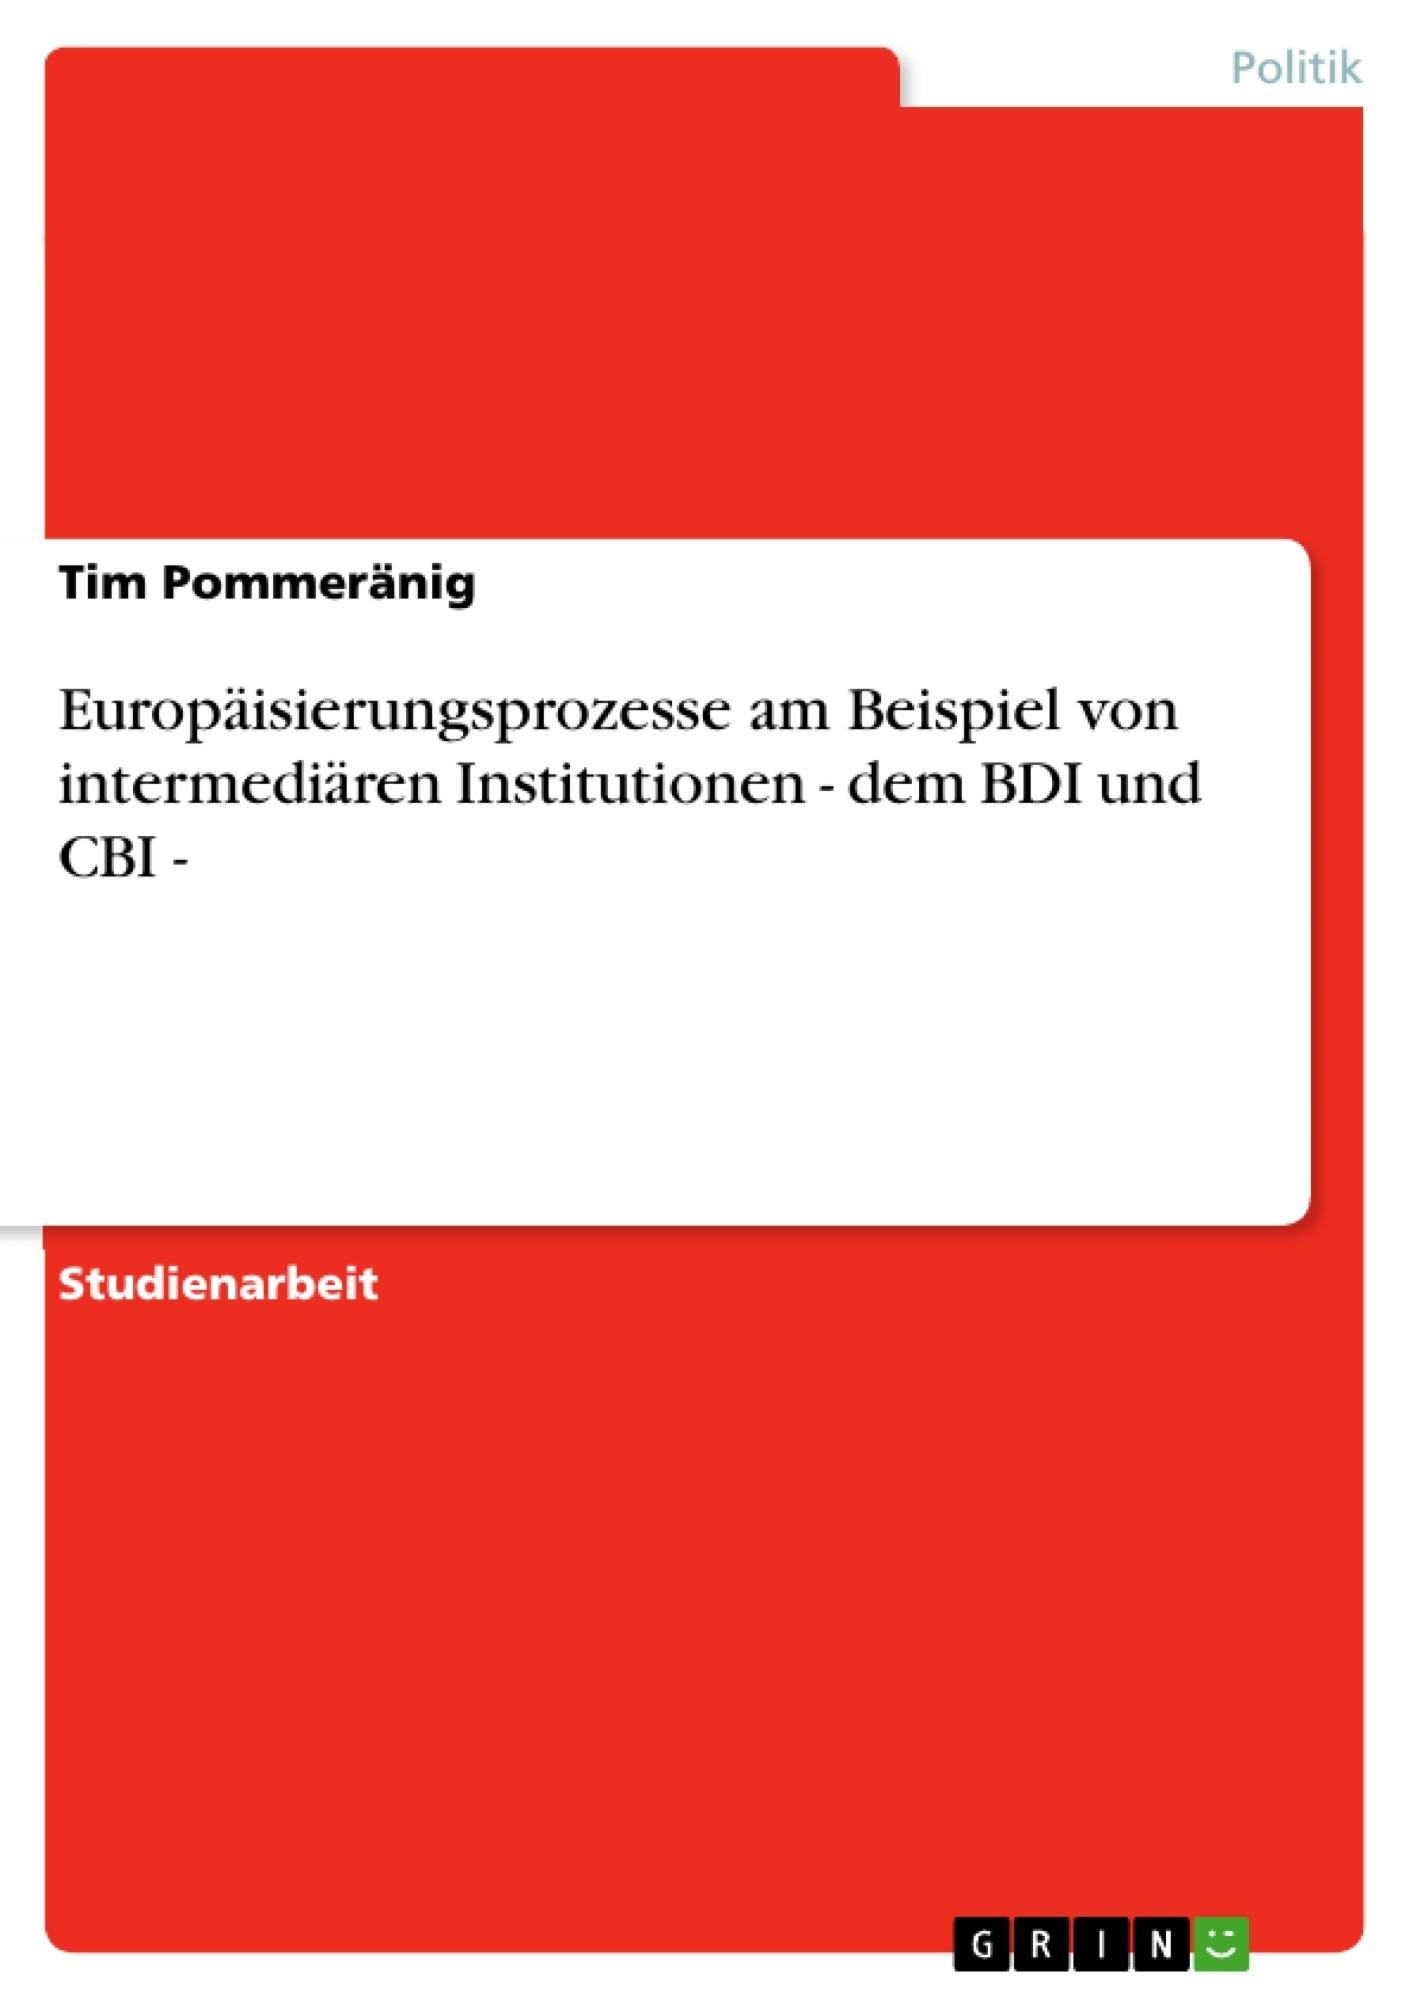 Titel: Europäisierungsprozesse am Beispiel von intermediären Institutionen - dem BDI und CBI -